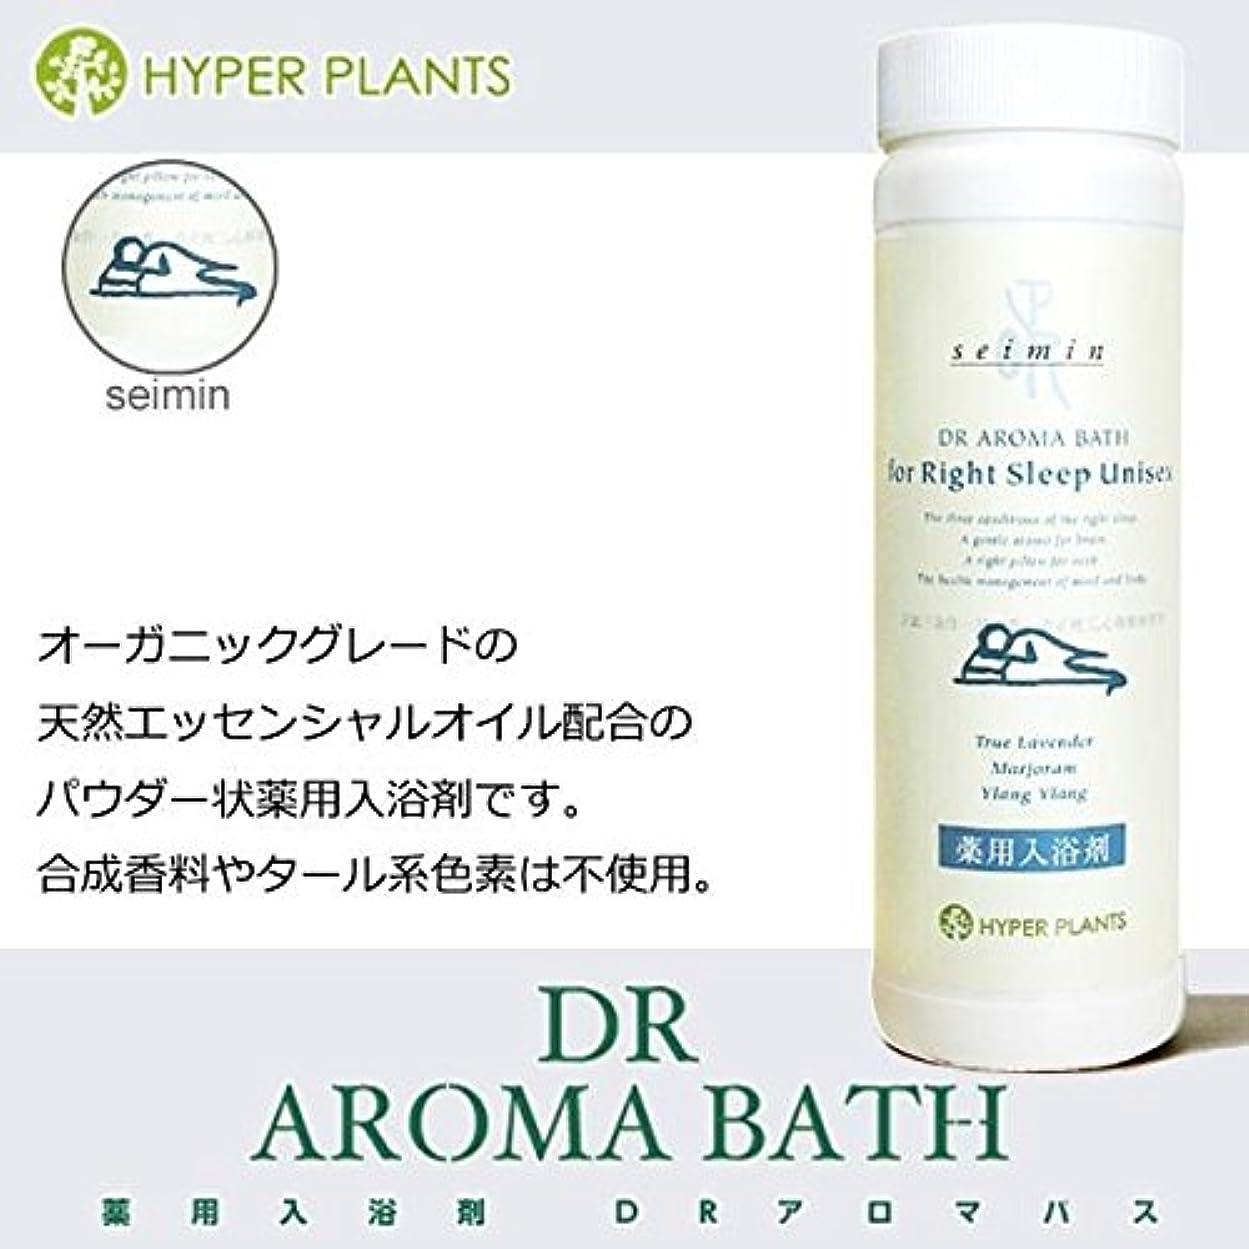 スカートイノセンスコーン医薬部外品 薬用入浴剤 ハイパープランツ(HYPER PLANTS) DRアロマバス 正眠 500g HYB023